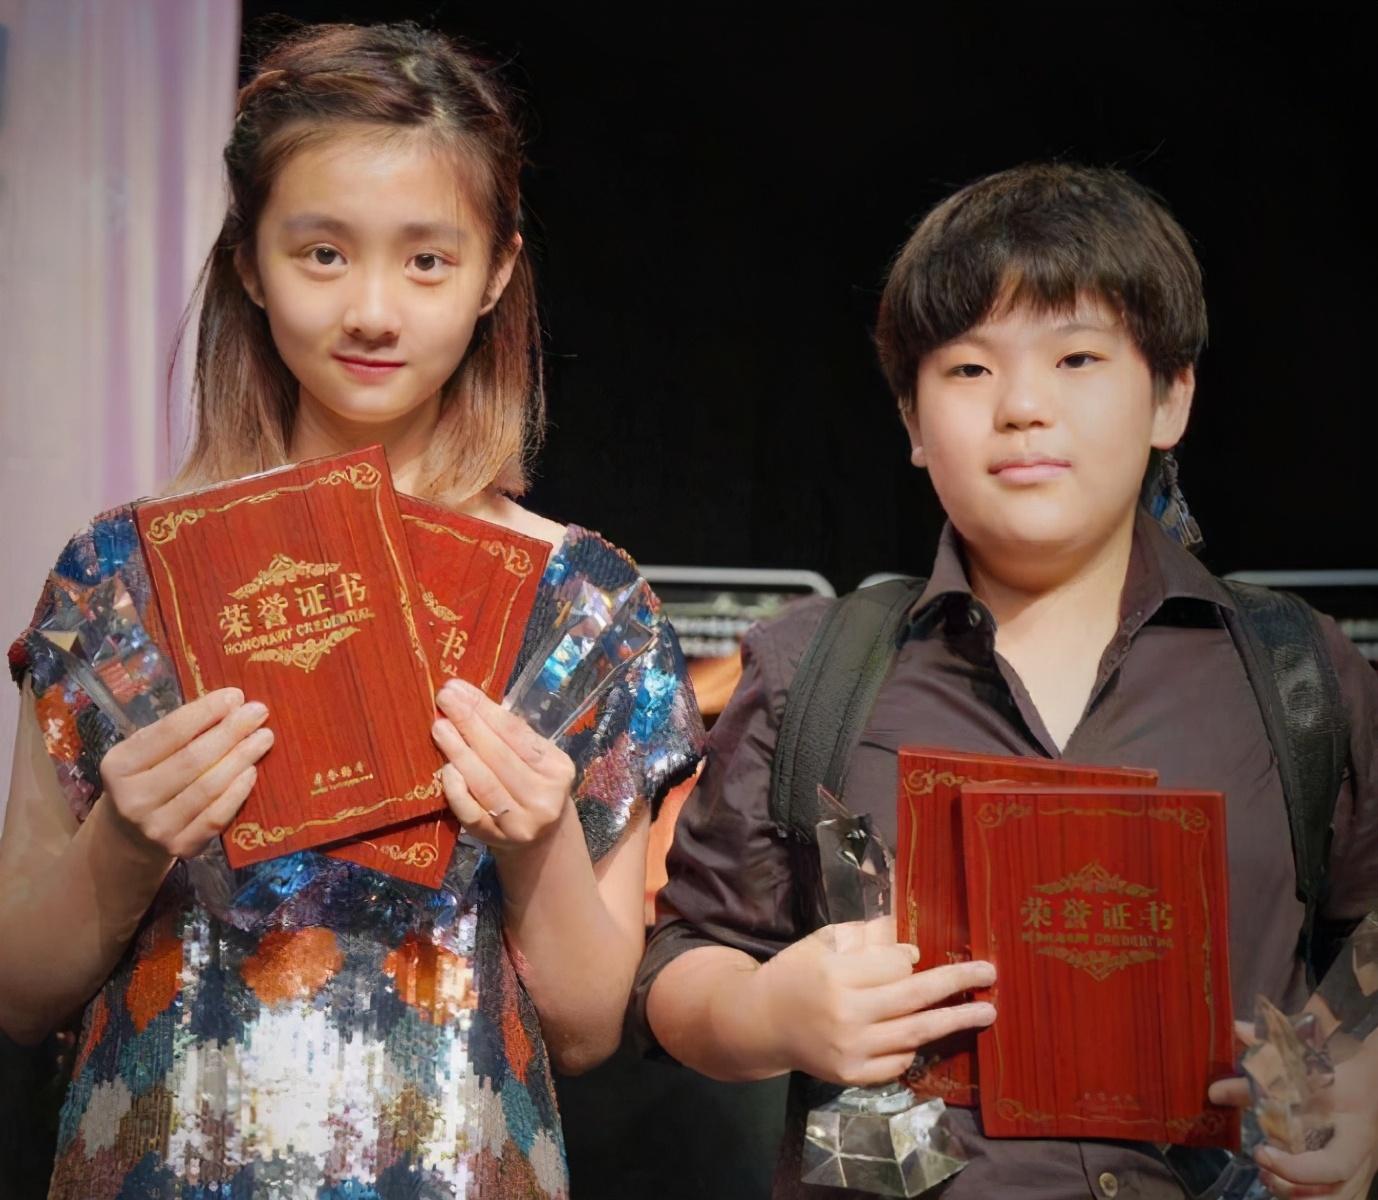 黄多多13岁上高中,精通英语和钢琴,有个会教娃的爸妈多么重要